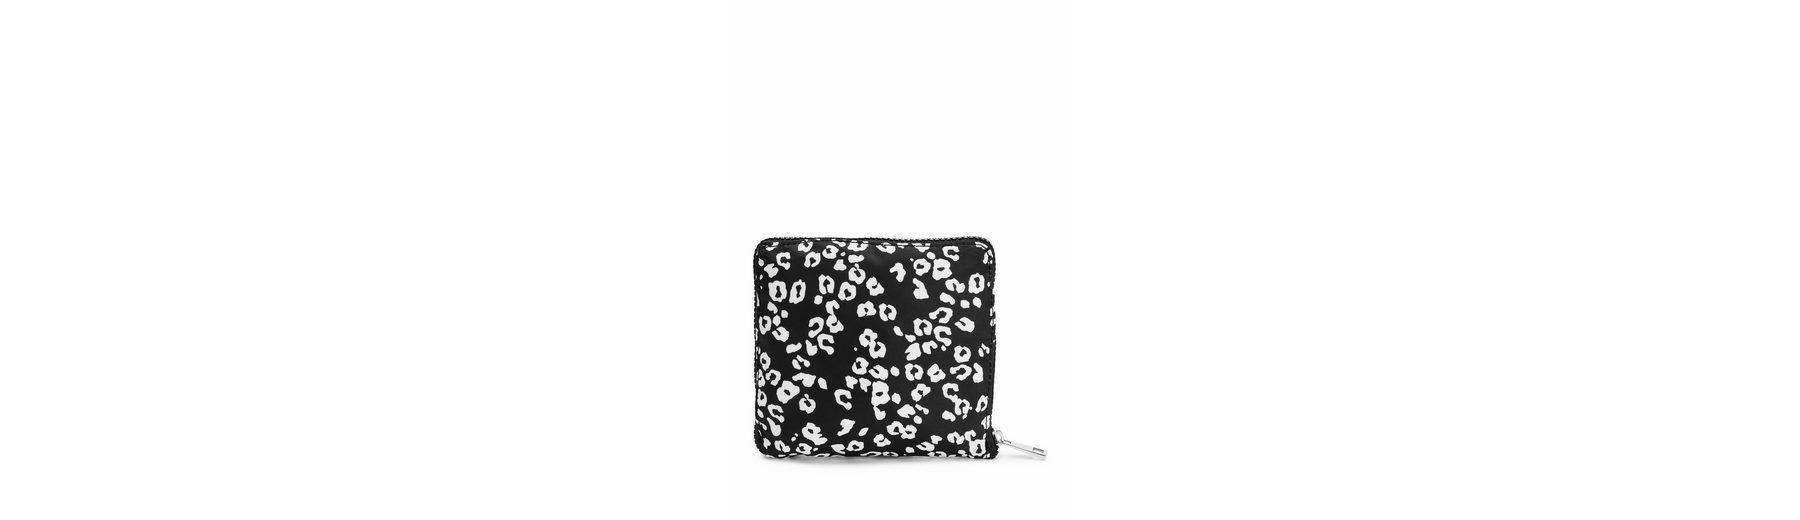 Next Faltbare Shopper-Tasche Versandrabatt Authentisch Qualität Aus Deutschland Billig vcxqoedu